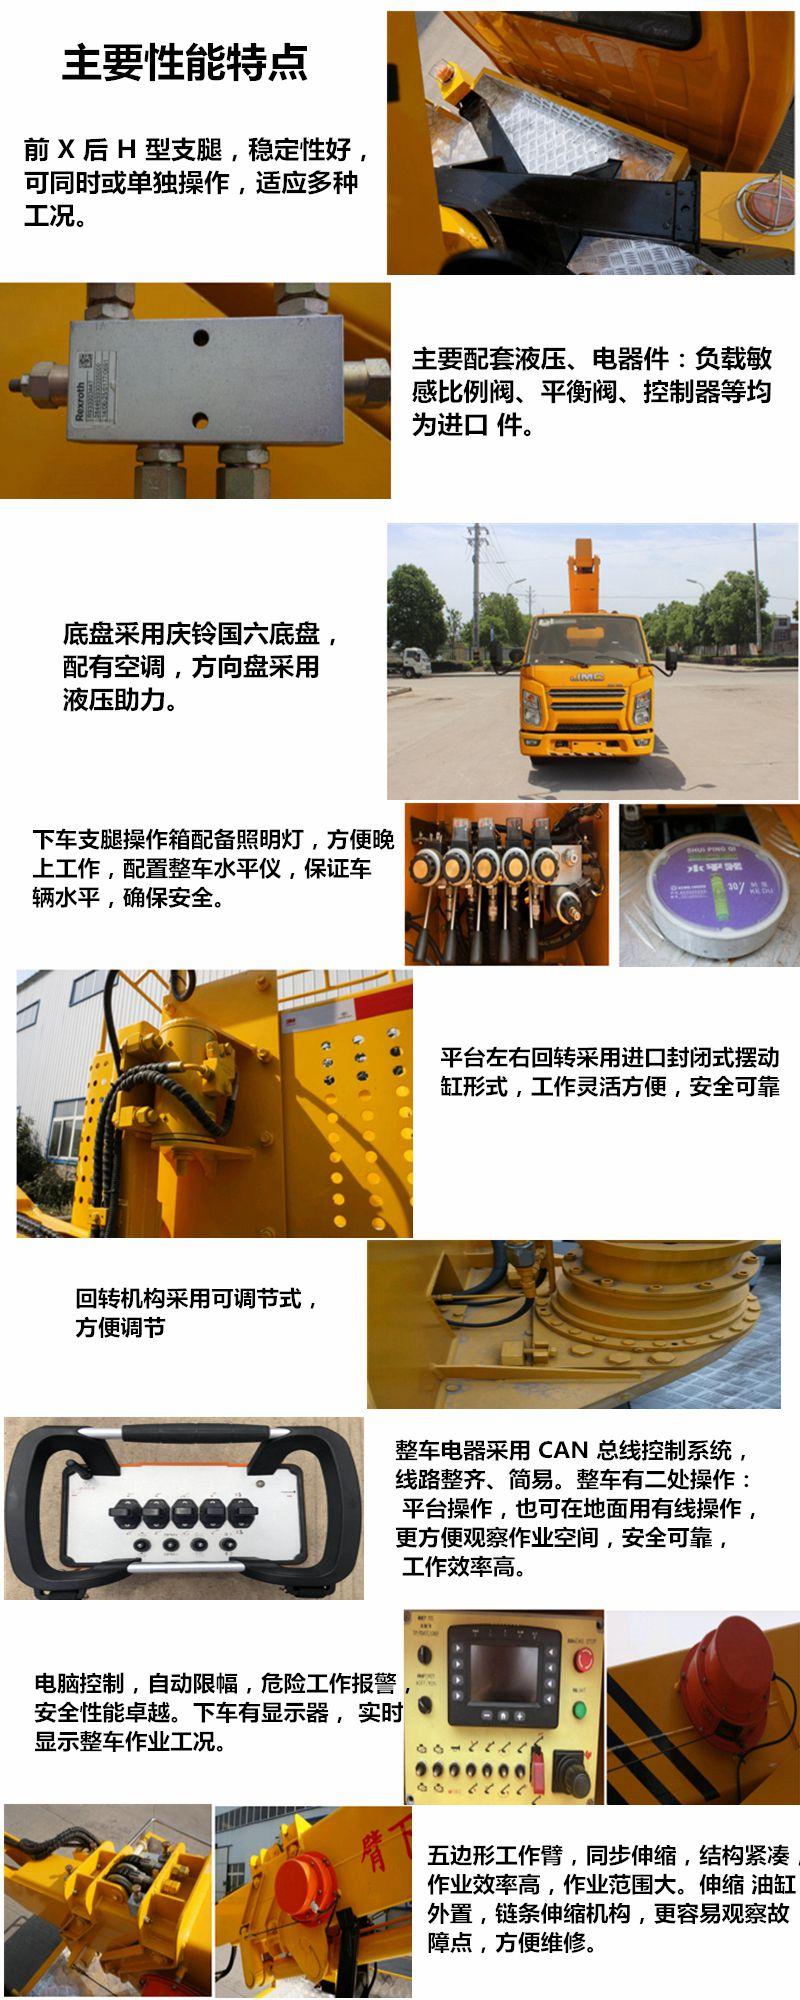 新款高空作业车厂家直销可分期145727825